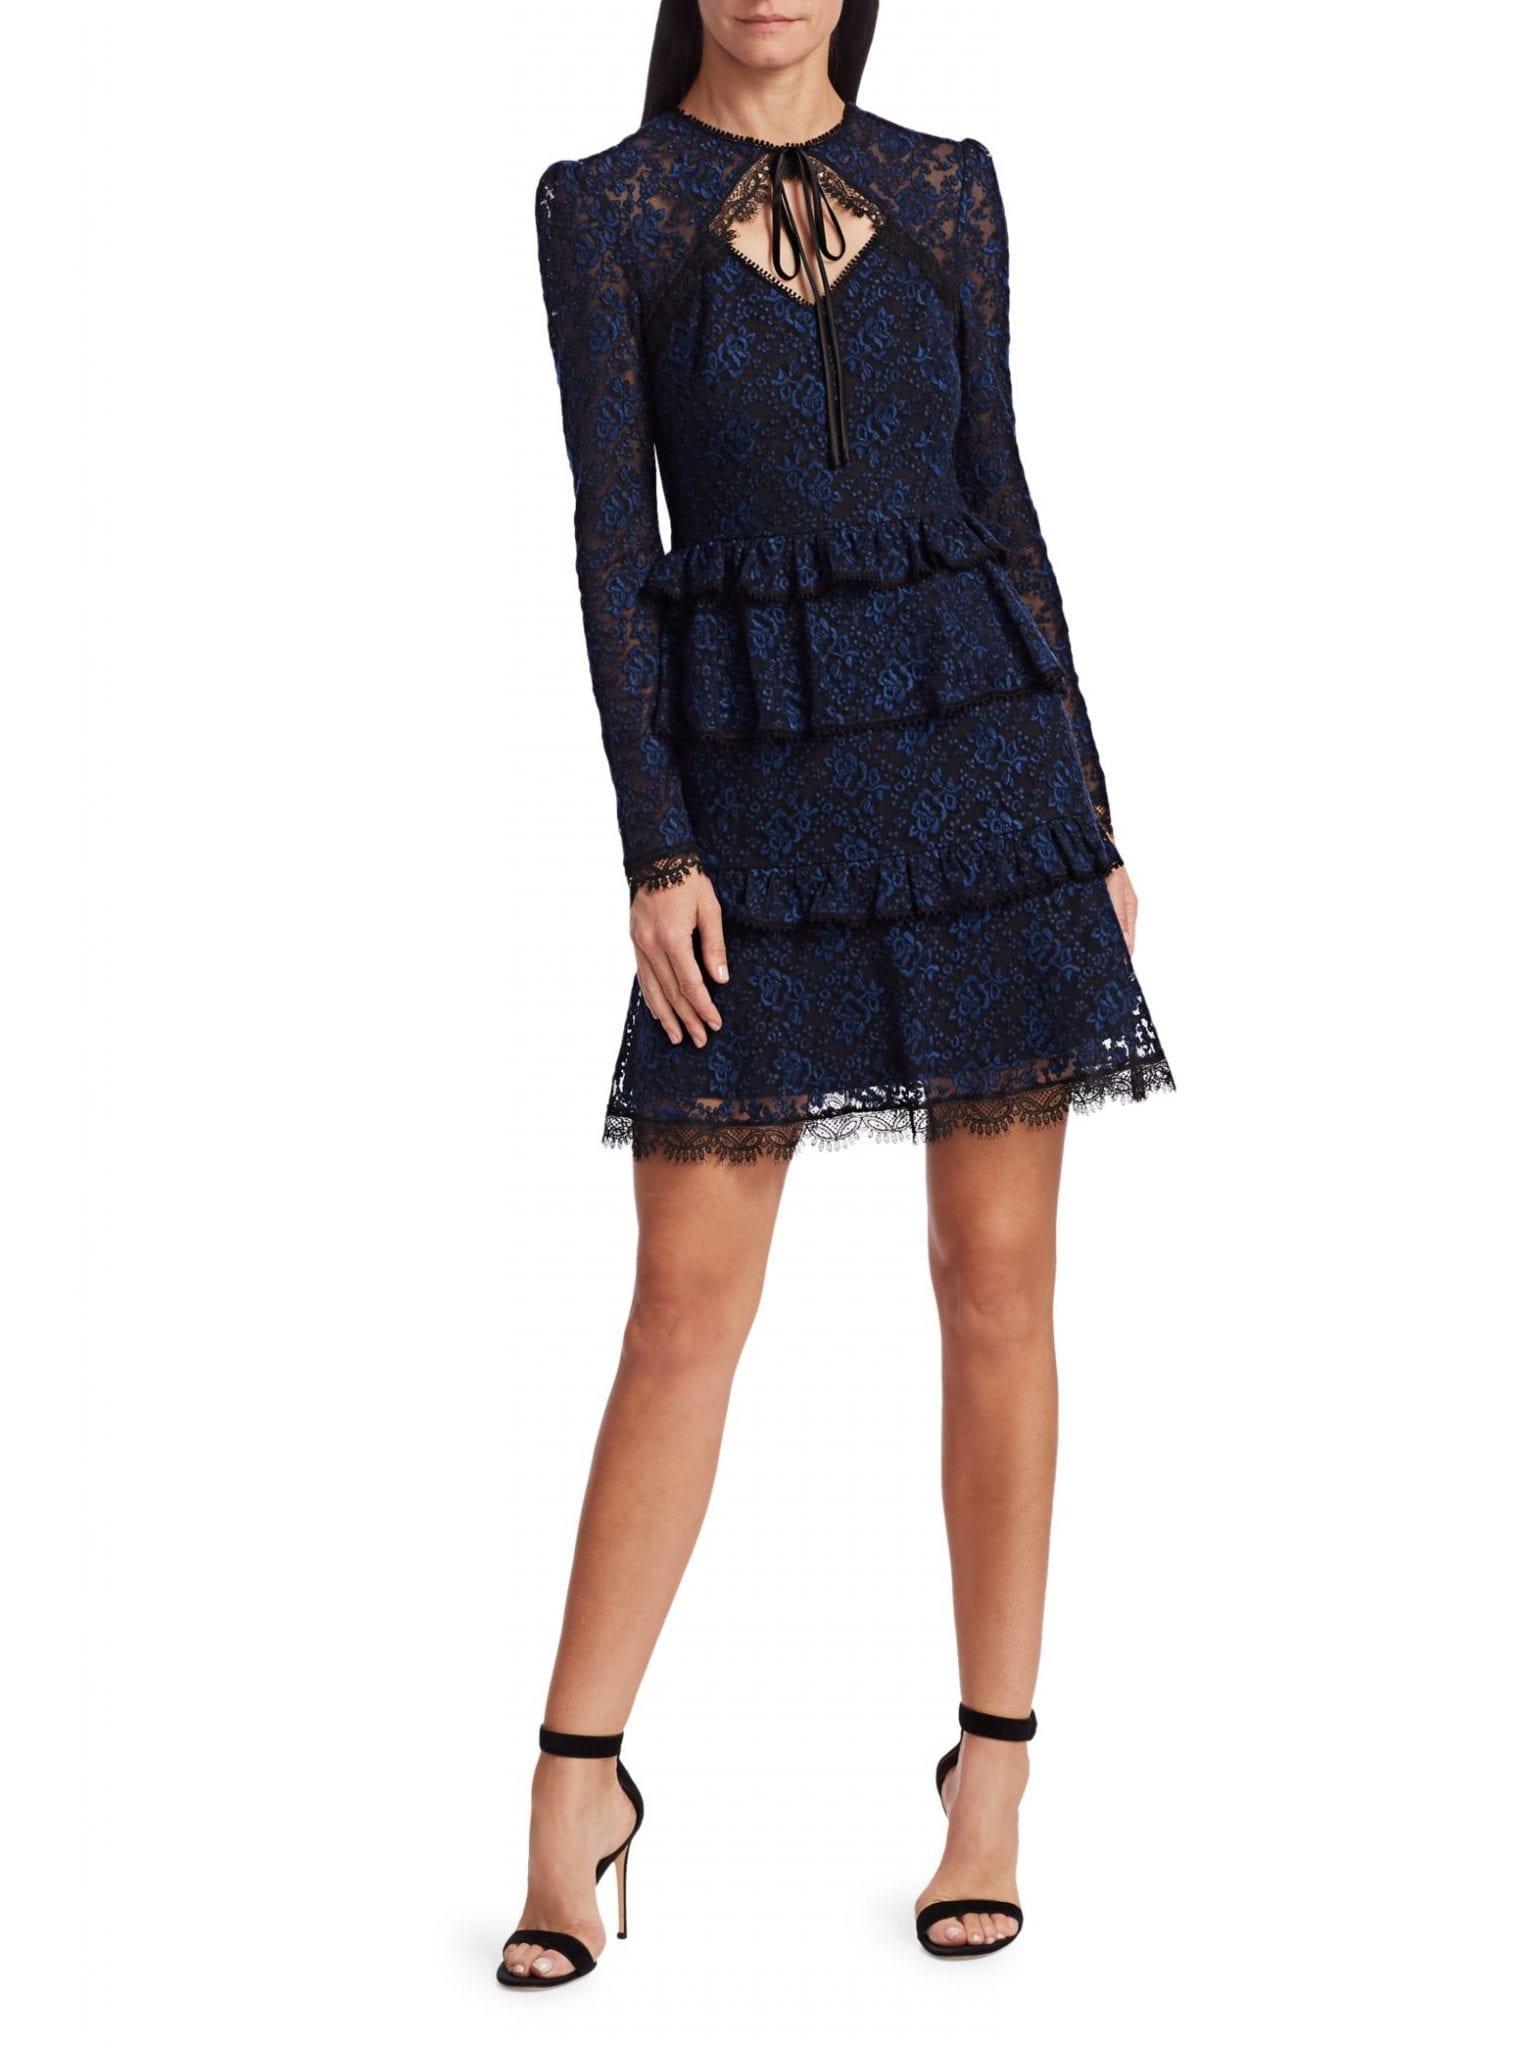 ML MONIQUE LHUILLIER Tie-Neck Lace Dress